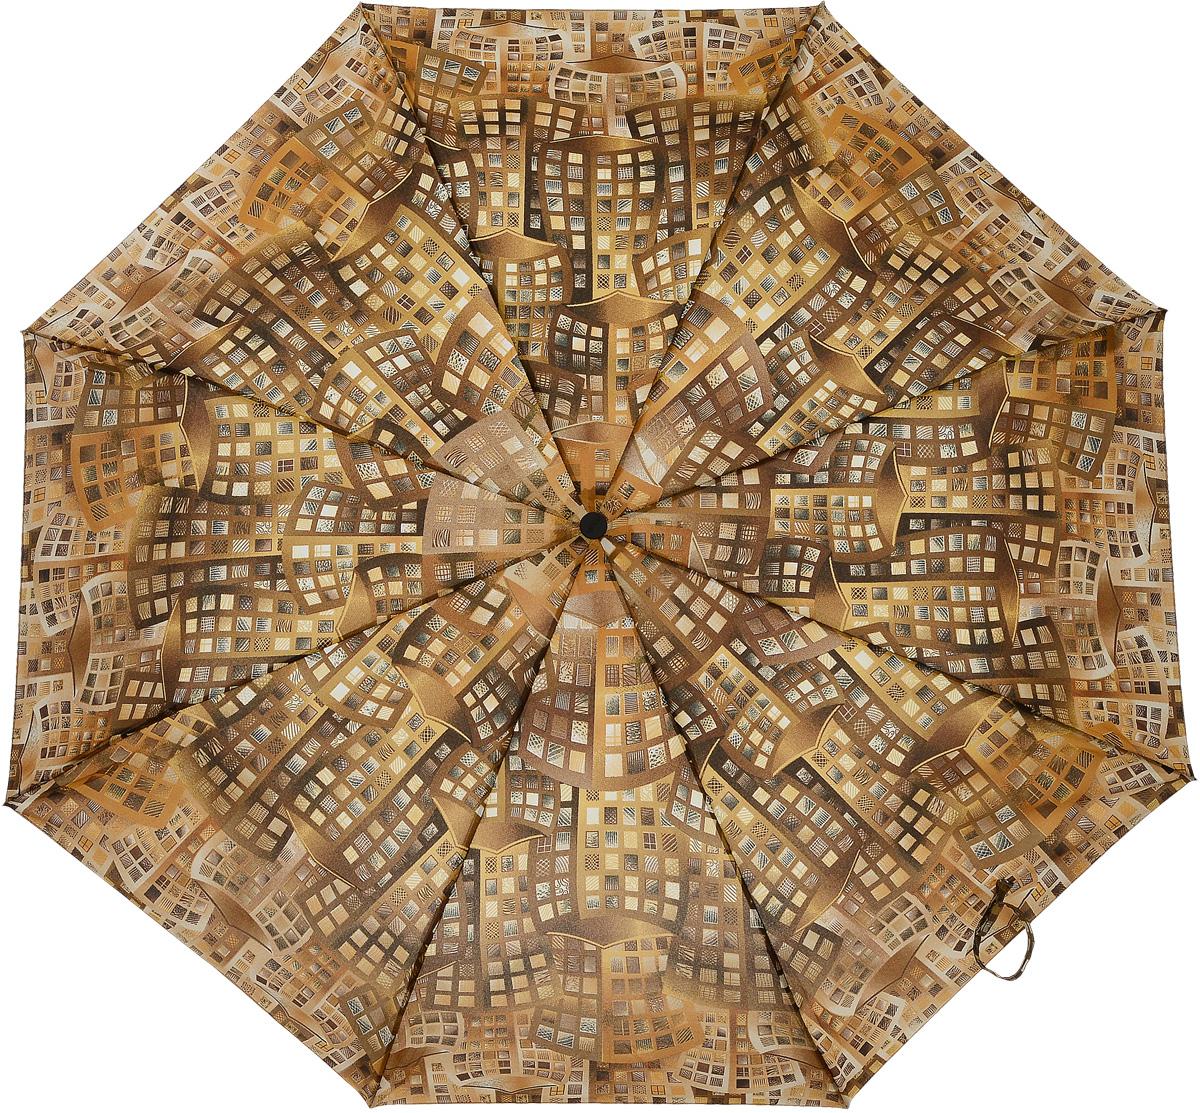 Зонт женский Airton, механический, 3 сложения, цвет: оранжевый, шоколадный. 3515-1693515-169Классический женский зонт Airton в 3 сложения имеет механическую систему открытия и закрытия. Каркас зонта выполнен из восьми спиц на прочном стержне. Купол зонта изготовлен из прочного полиэстера. Практичная рукоятка закругленной формы разработана с учетом требований эргономики и выполнена из качественного пластика. Такой зонт оснащен системой антиветер, которая позволяет спицам при порывах ветрах выгибаться наизнанку, и при этом не ломаться. К зонту прилагается чехол.